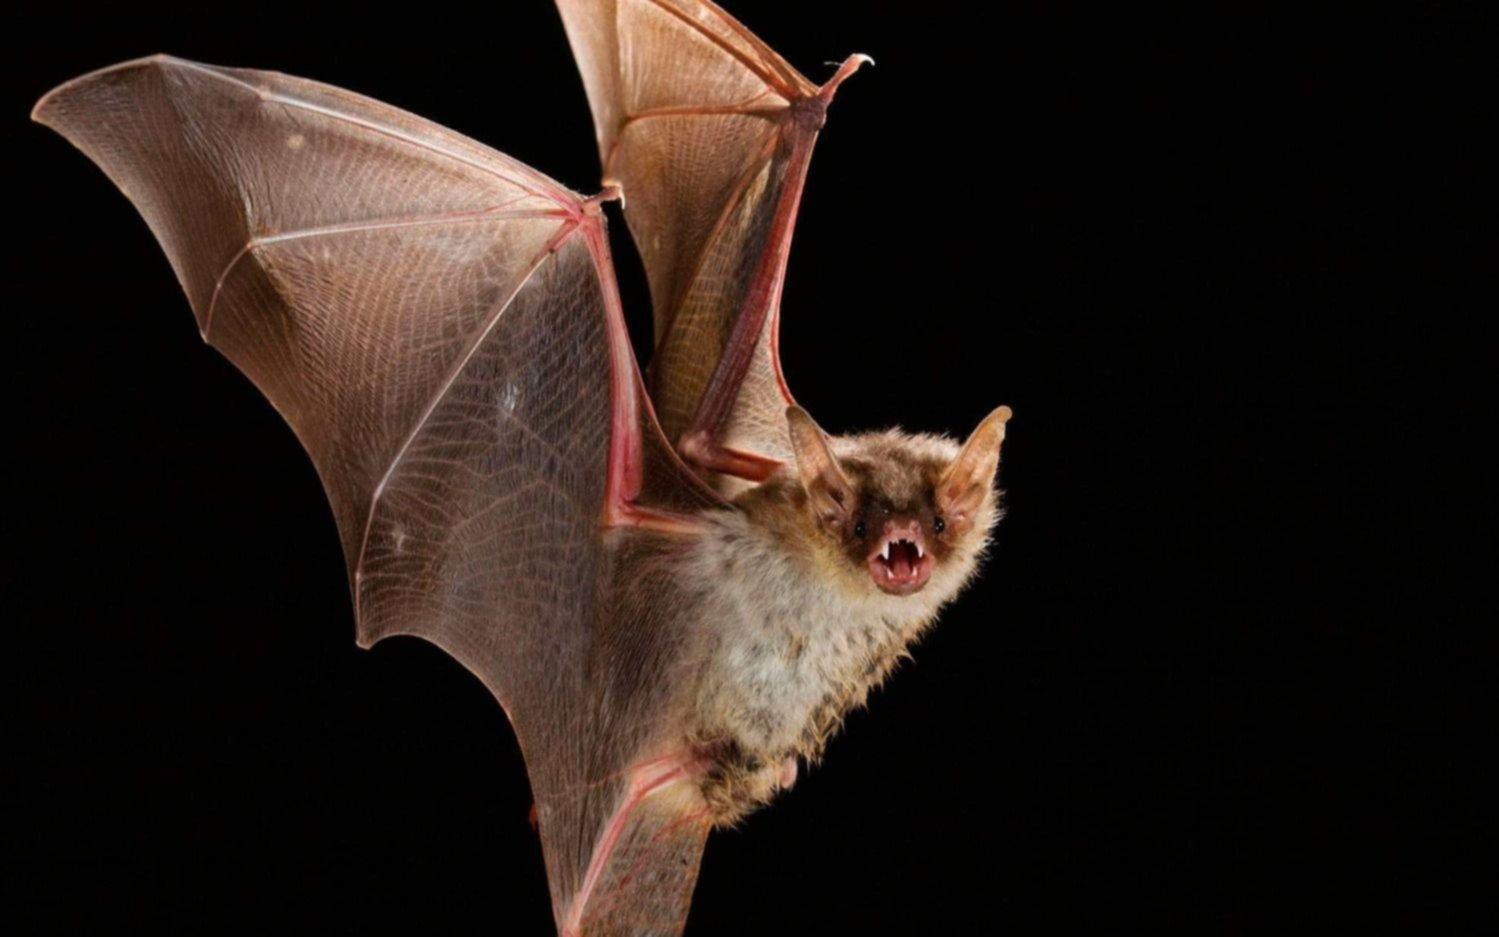 Alarma en la ciencia por hallazgo de virus similar al del coronavirus en murciélagos de Laos